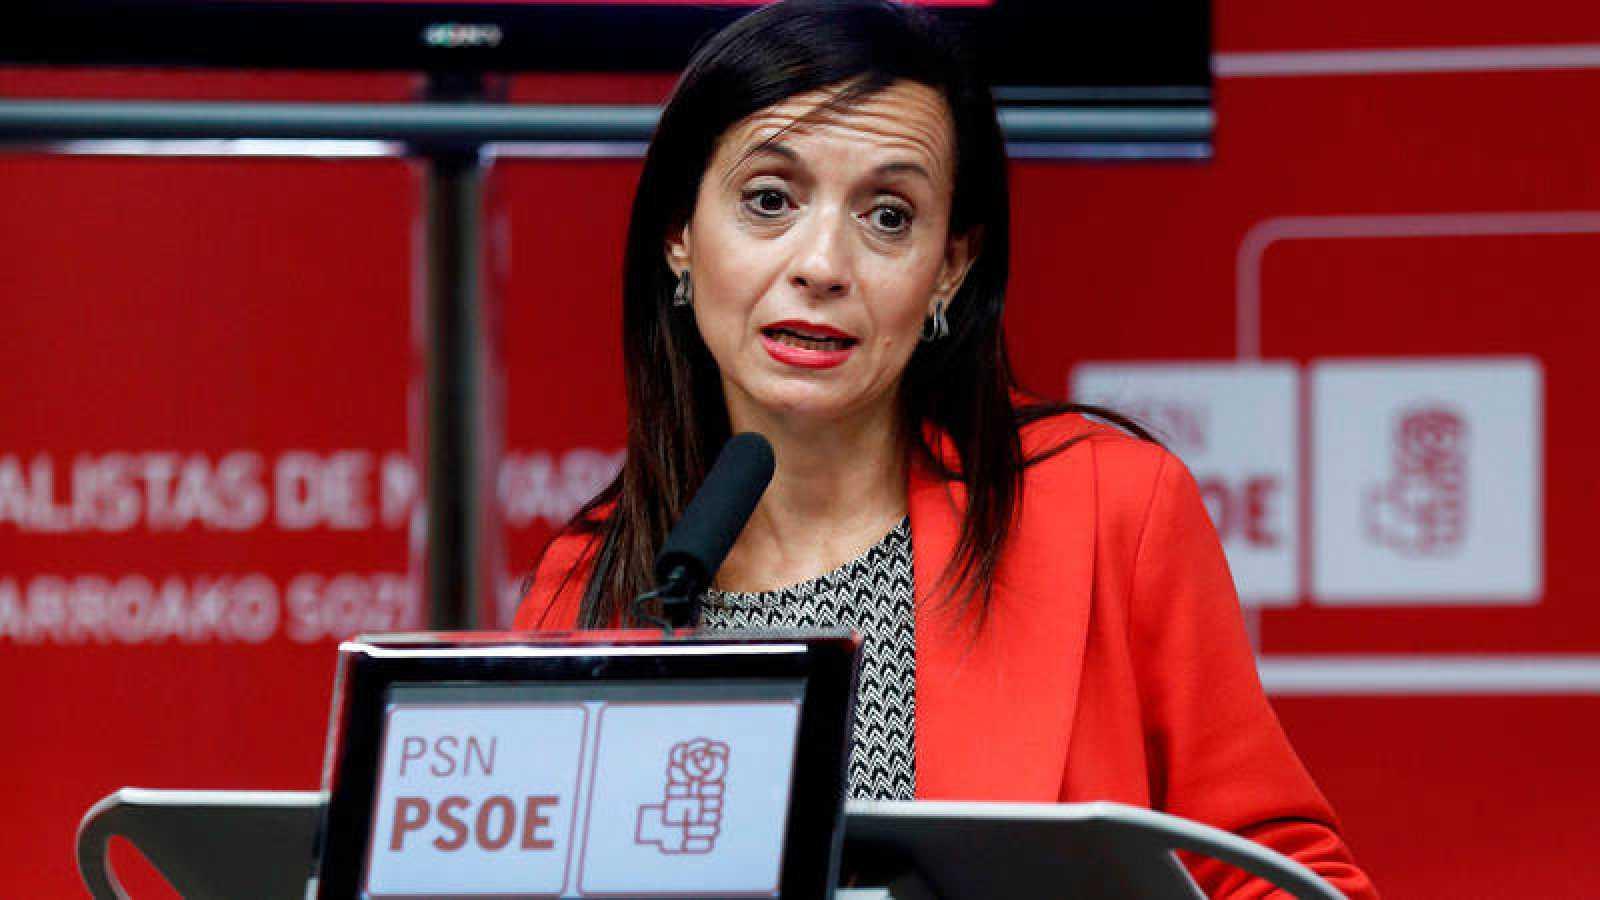 Red Eléctrica: Sanchez coloca de presidenta a la exministra Beatriz Corredor en sustitución de Jordi Sevilla